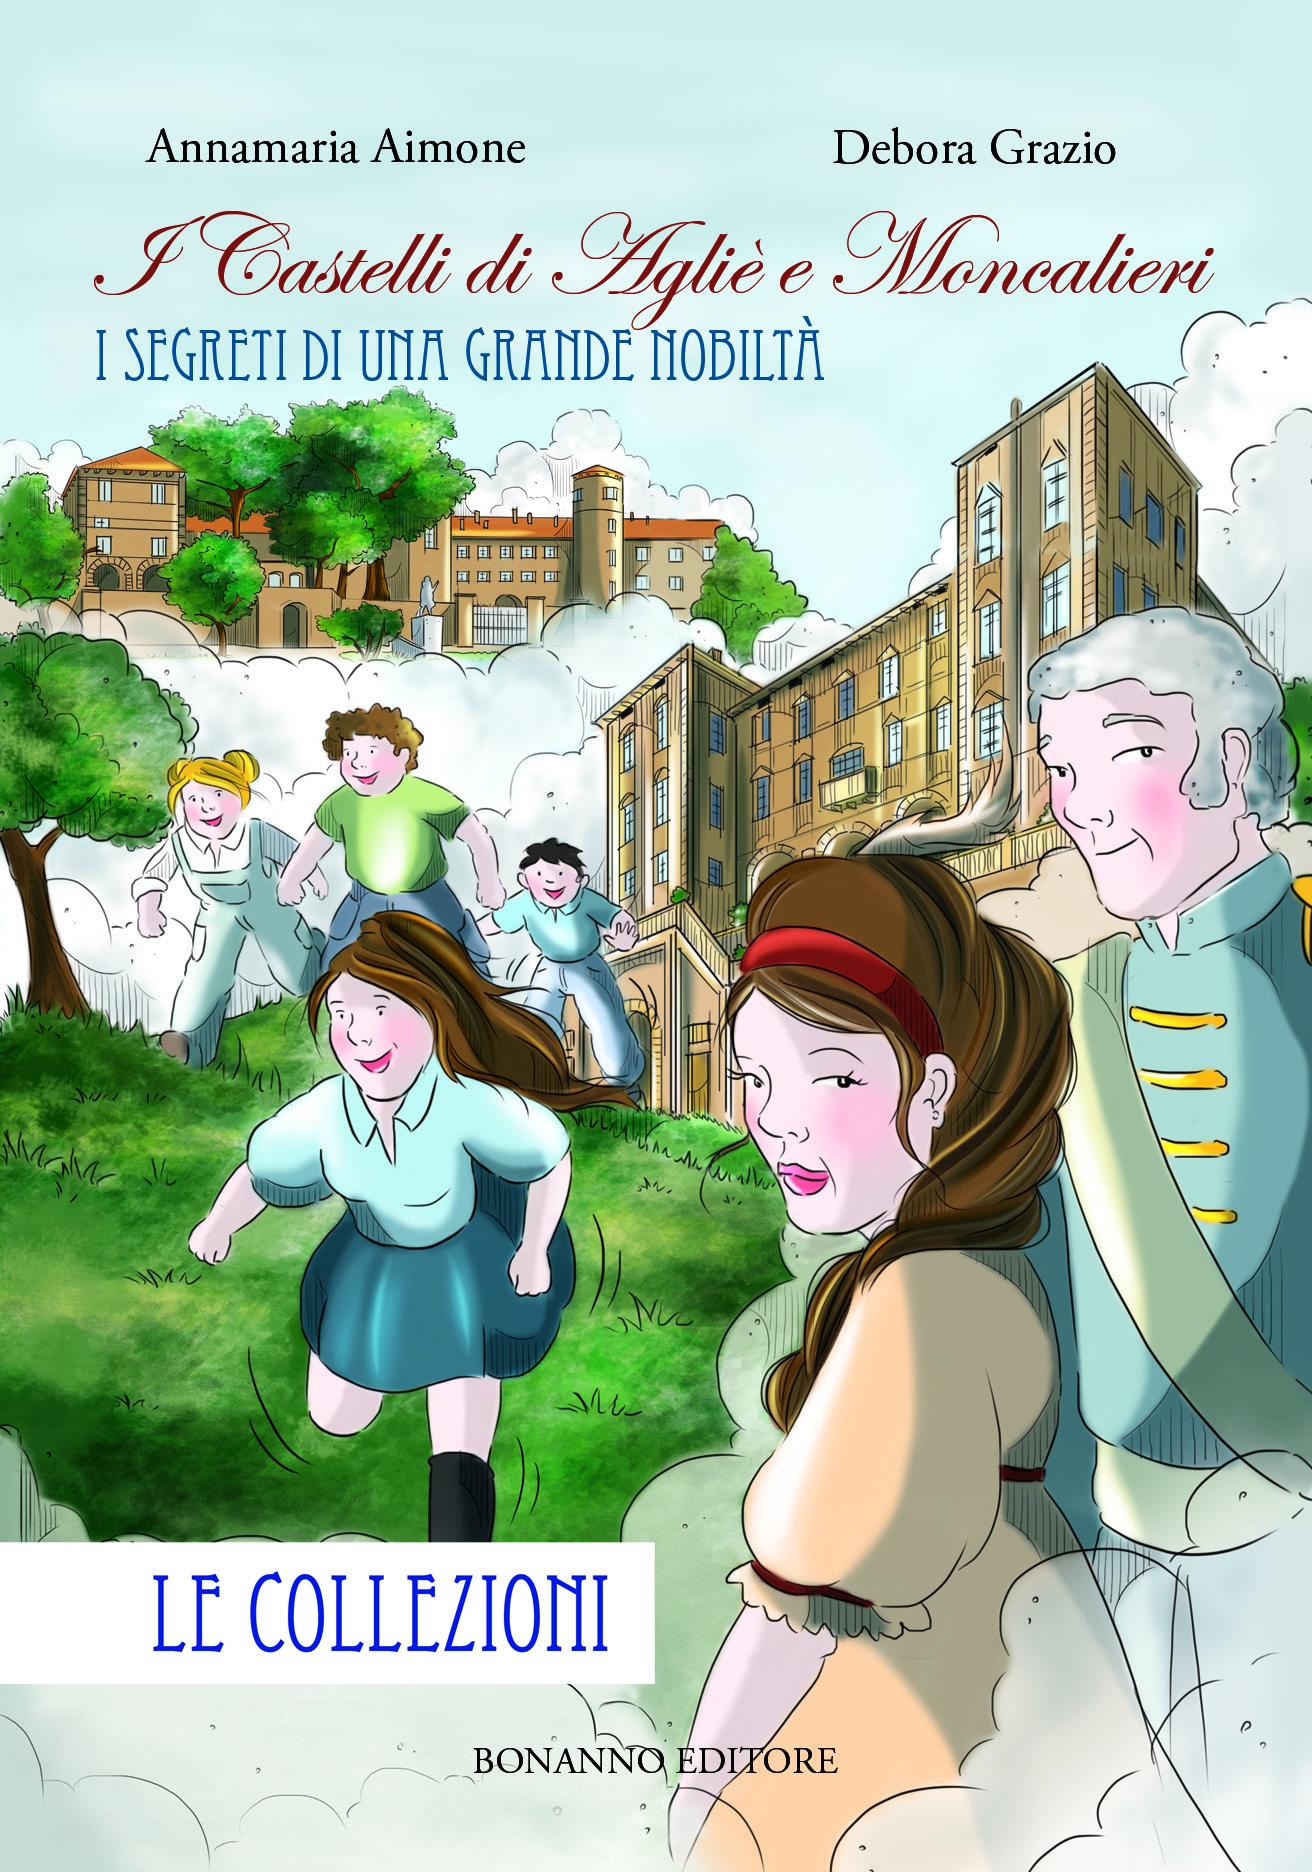 La storia sabauda a fumetti: nuovo libro di Aimone e Grazio sui castelli di Agliè e Moncalieri